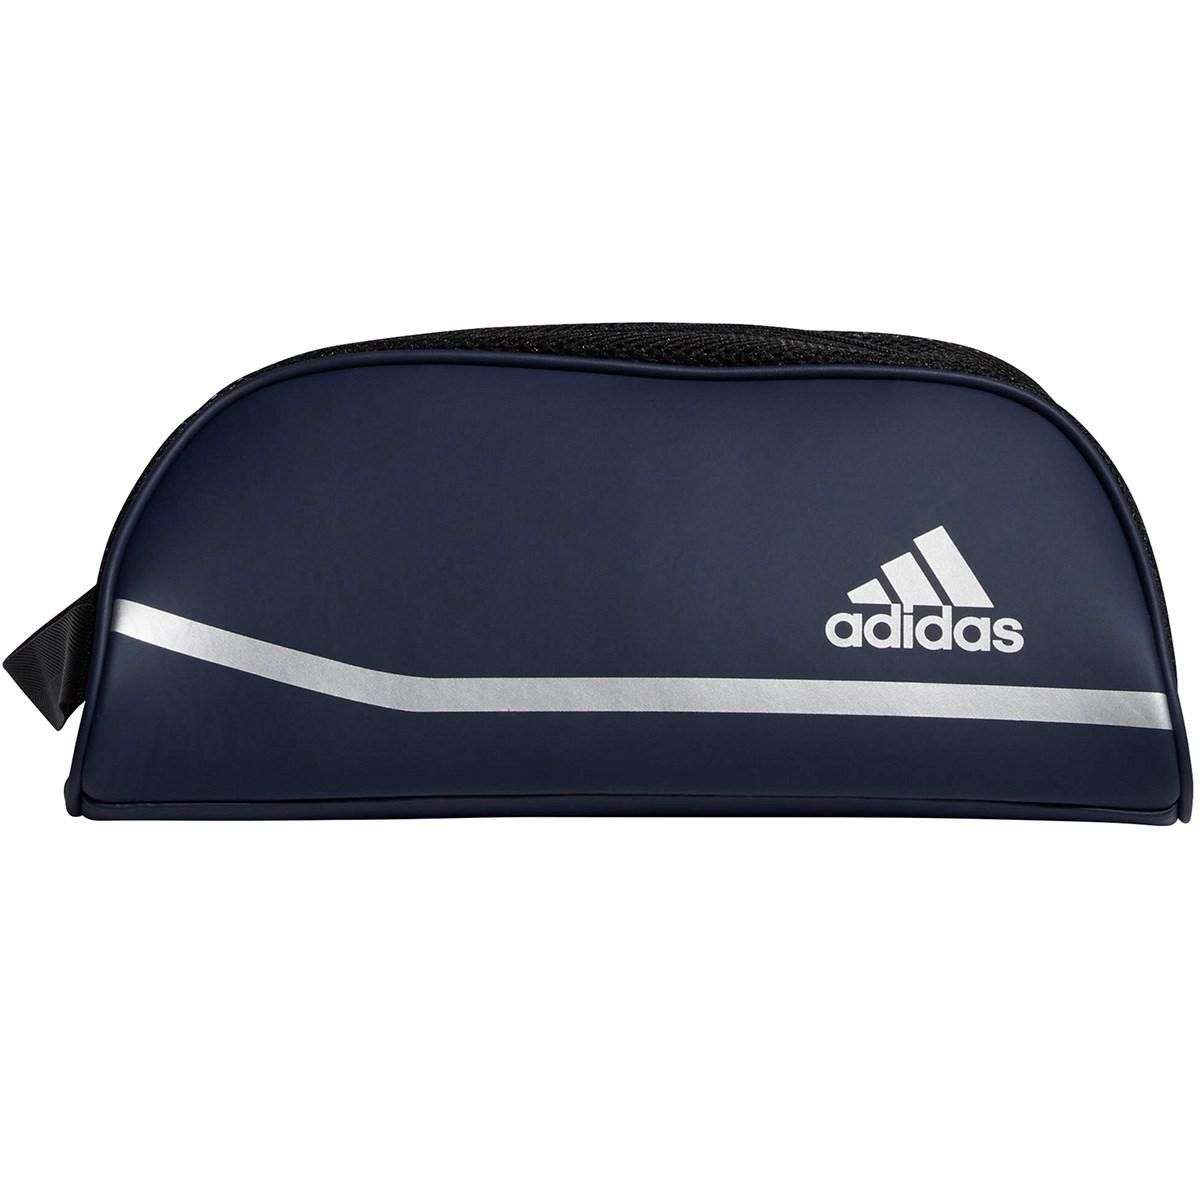 アディダス(adidas) マットポリウレタン シューズケース